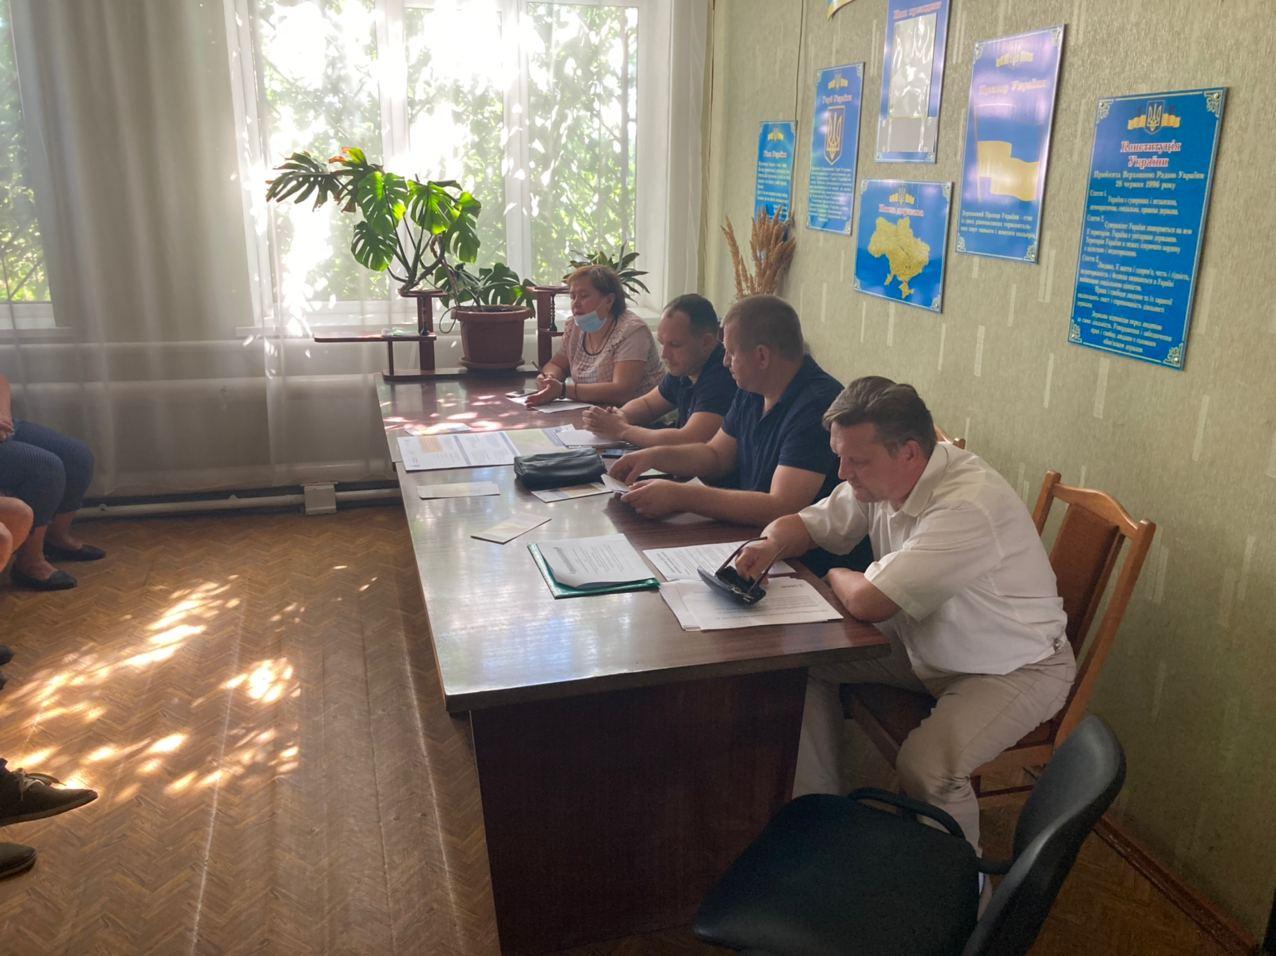 Шахівській та Криворізькій ОТГ відбулися виїзні семінари з питань розвитку СОК та впровадження земельної реформи